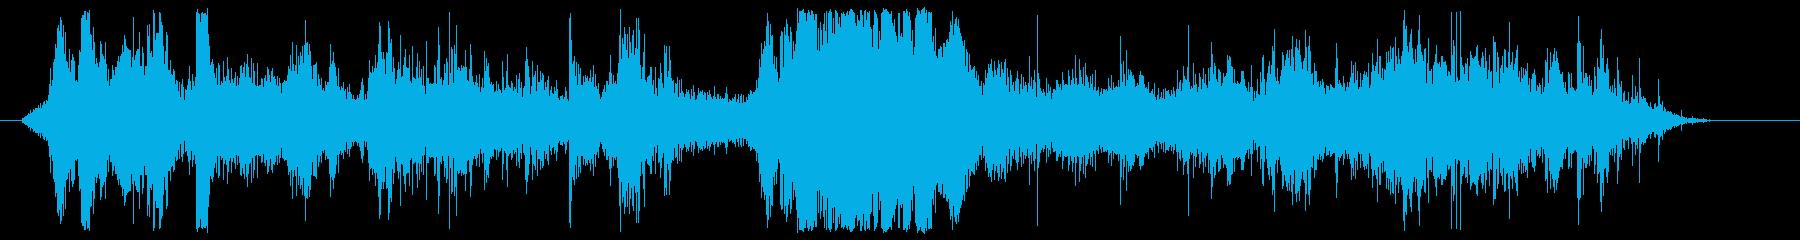 Arcabuces閉じるの再生済みの波形